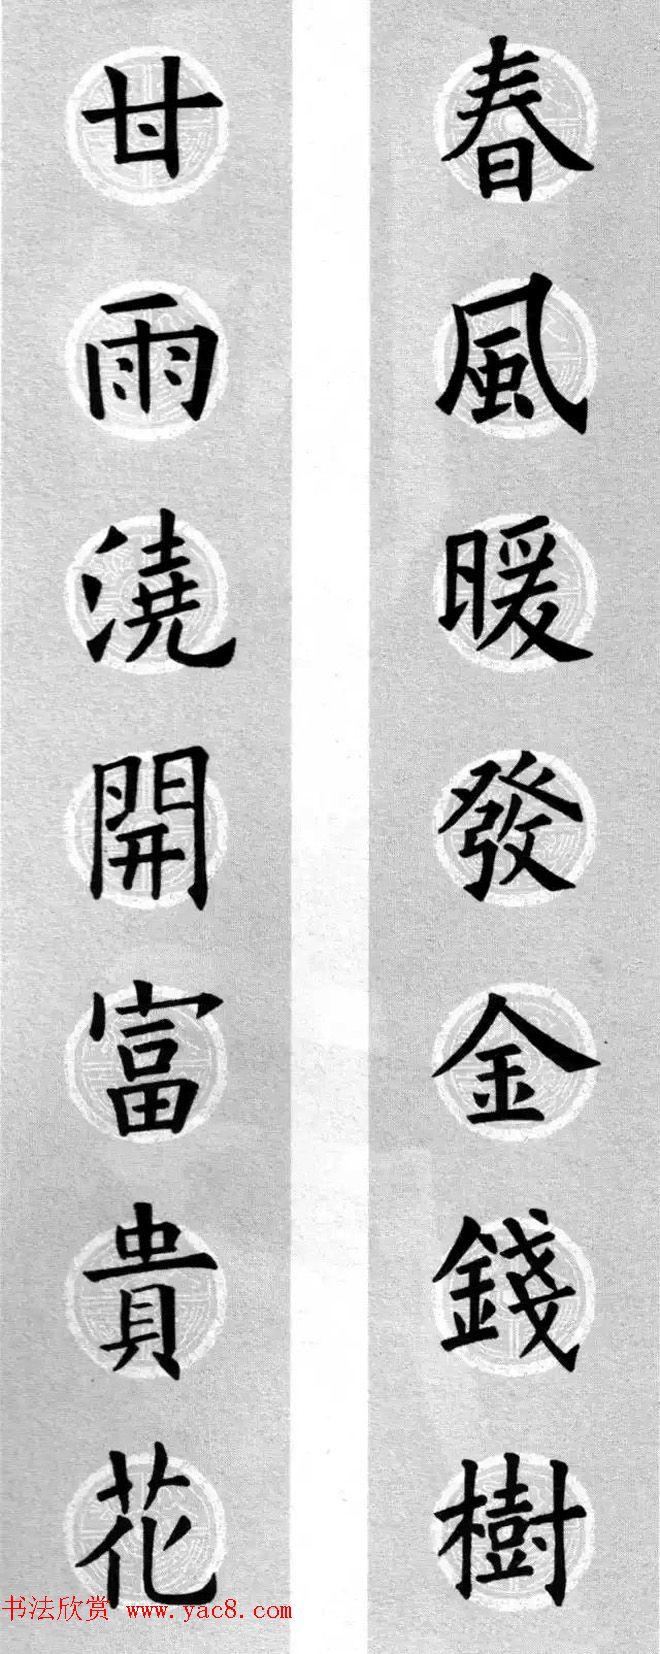 集字书法春联 欧阳询楷书七言对联合辑 第11页 书法专题 书法欣赏